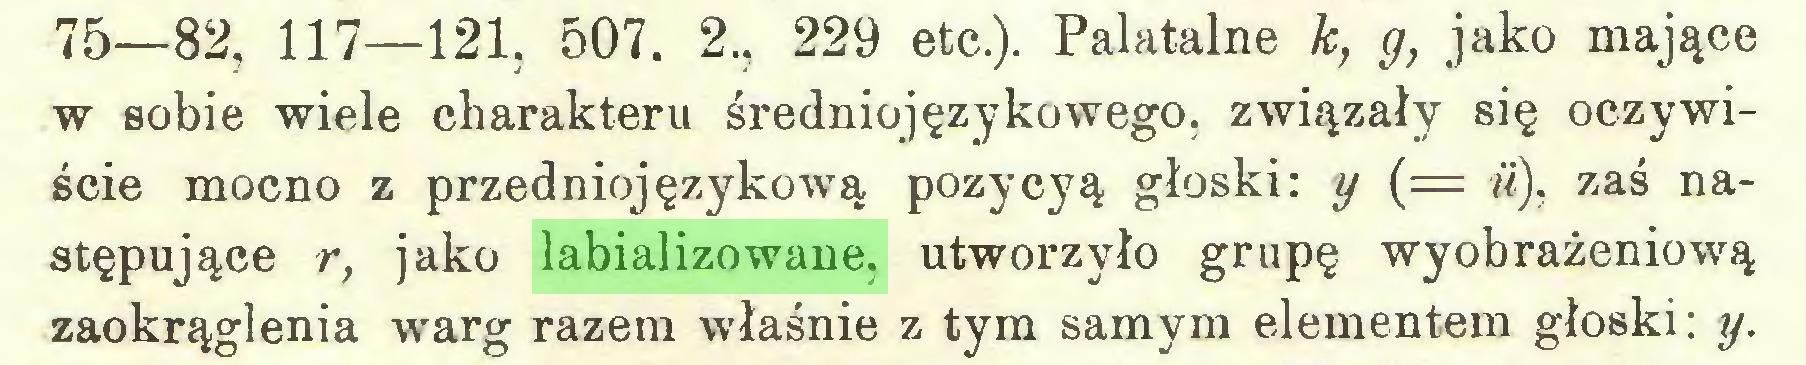 (...) 75—82, 117—121, 507. 2., 229 etc.). Palatalne k, g, jako mające w sobie wiele charakteru średniojęzykowego, związały się oczywiście mocno z przedniojęzykową pozycyą głoski: y {= ii), zaś następujące r, jako labializowane, utworzyło grupę wyobrażeniową zaokrąglenia warg razem właśnie z tym samym elementem głoski: y...